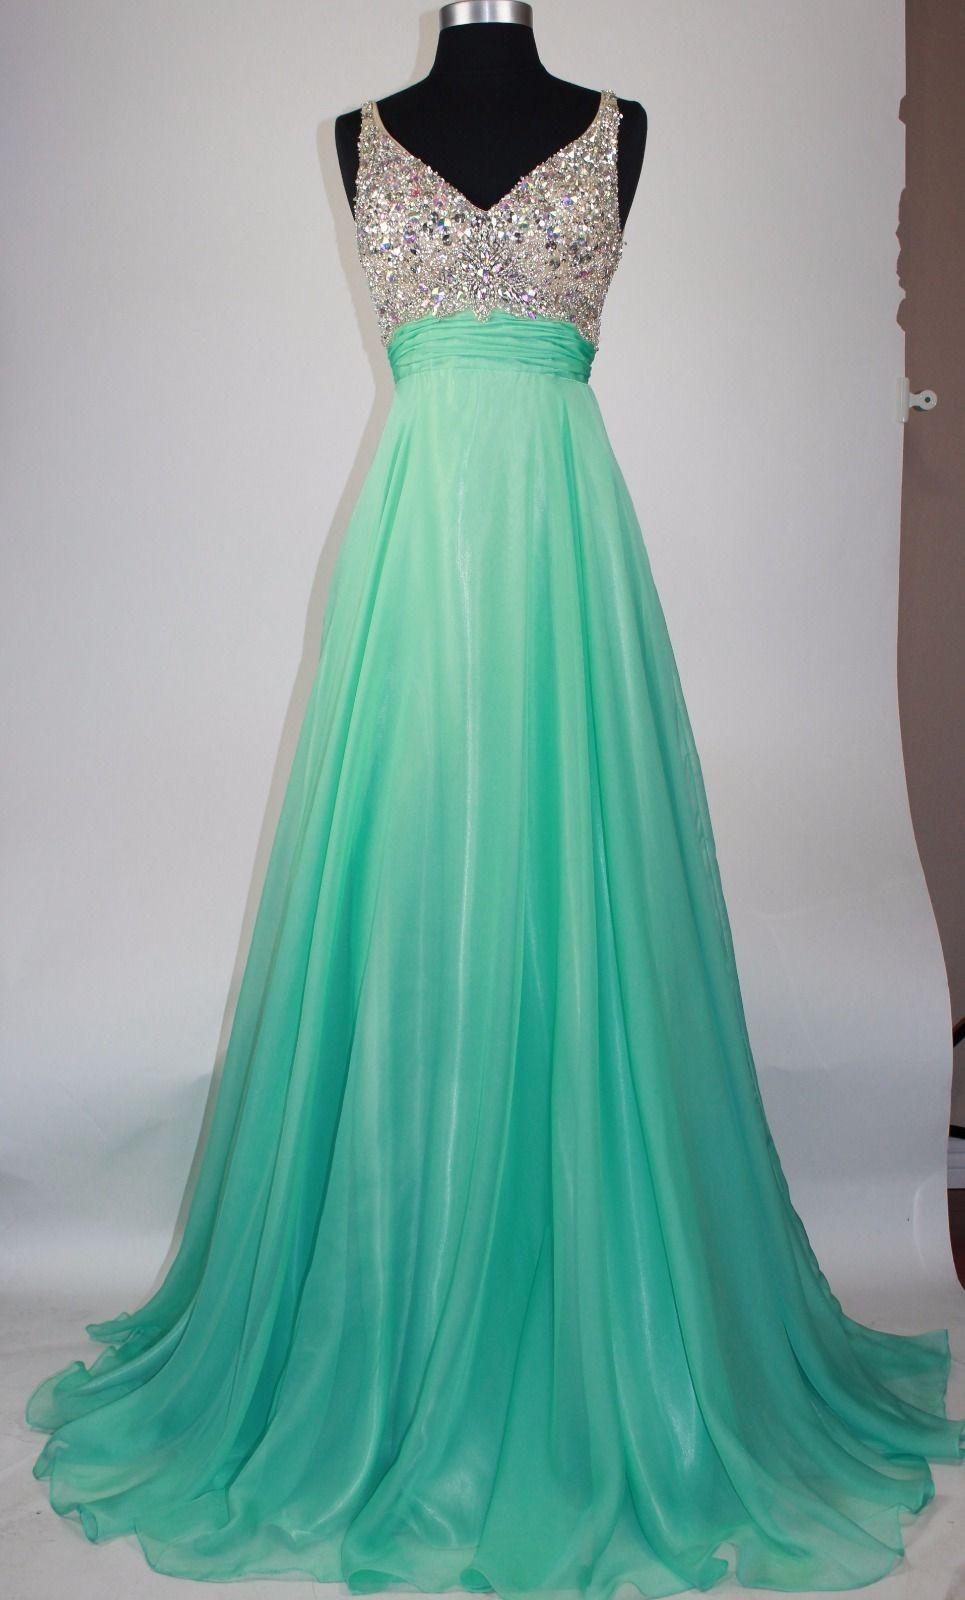 V-Neck Backless Beading Prom Dress,Evening Dress,Prom Dresses,BG168 ...